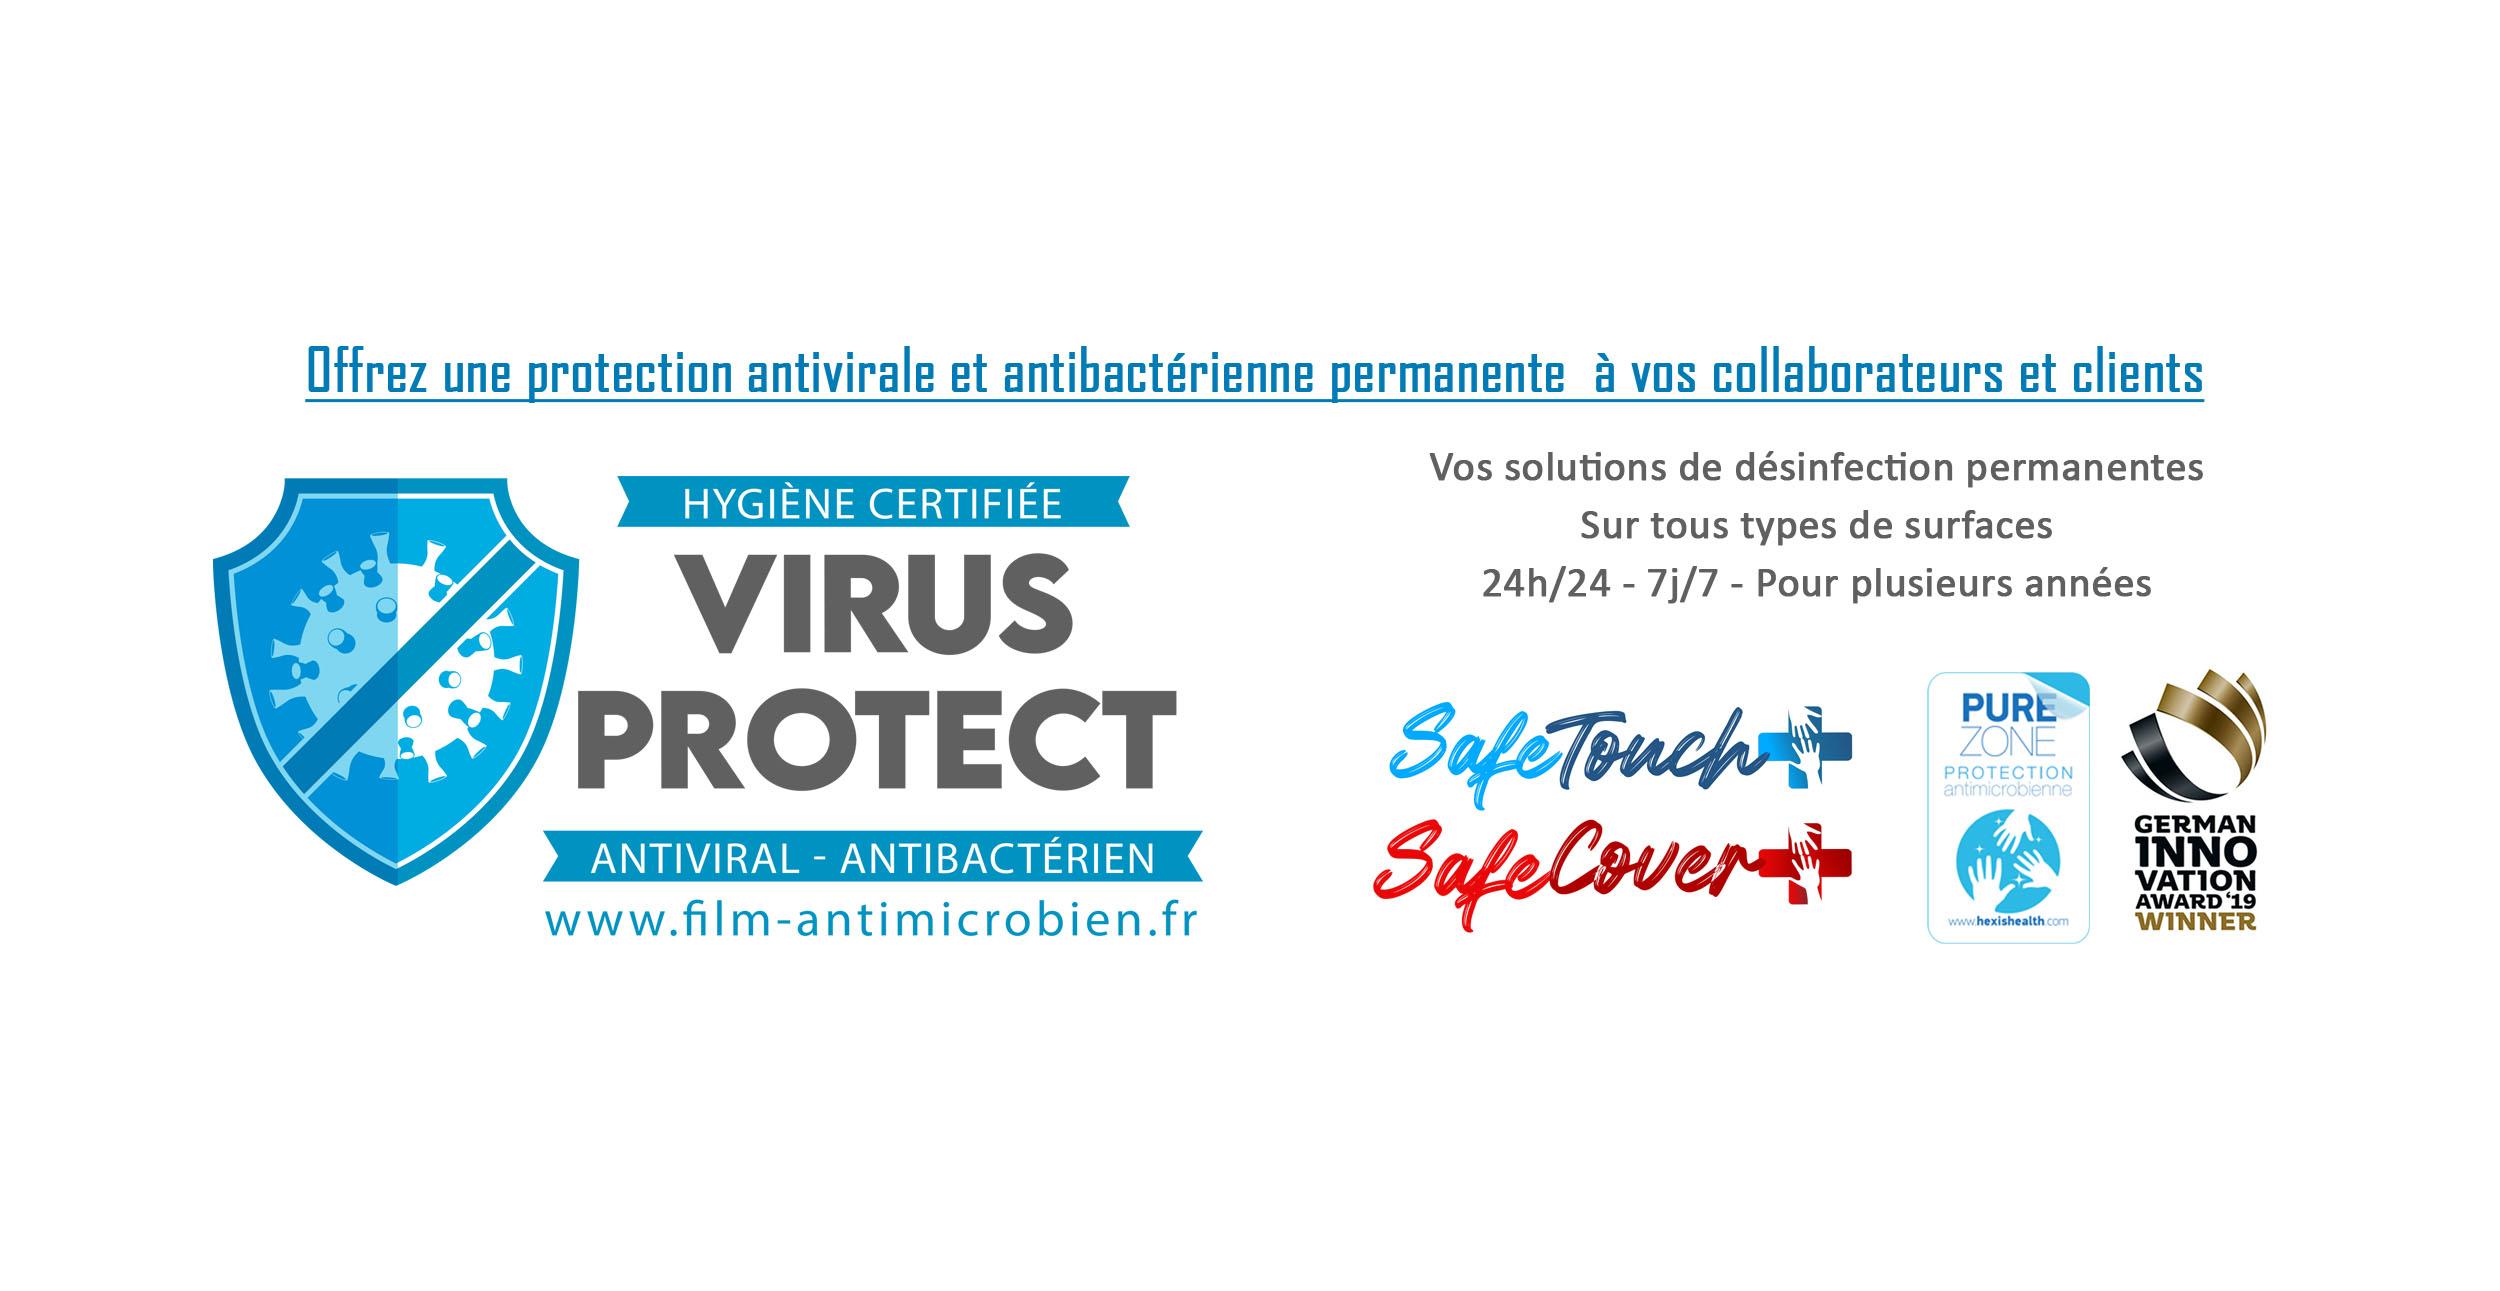 virus protect votre solution clé en main de désinfection permanente